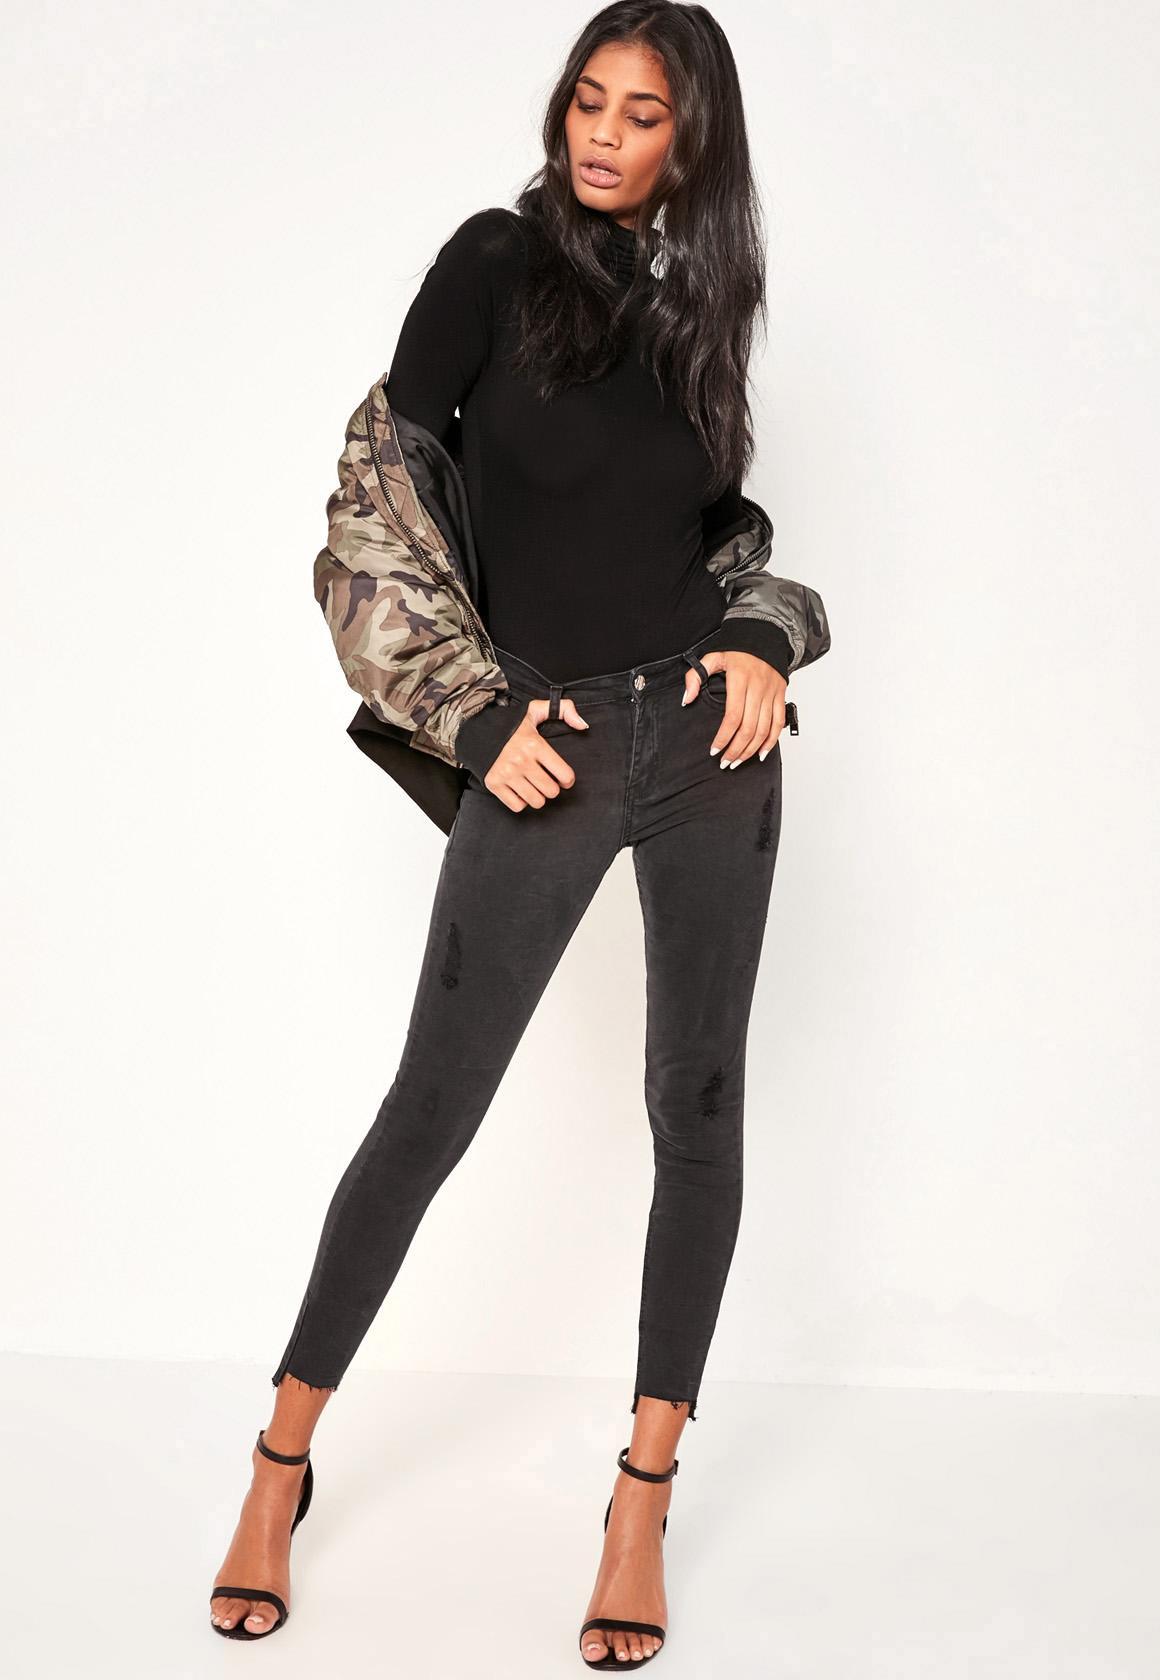 Womens Jeans | Ripped, Skinny & Boyfriend Jean - Missguided